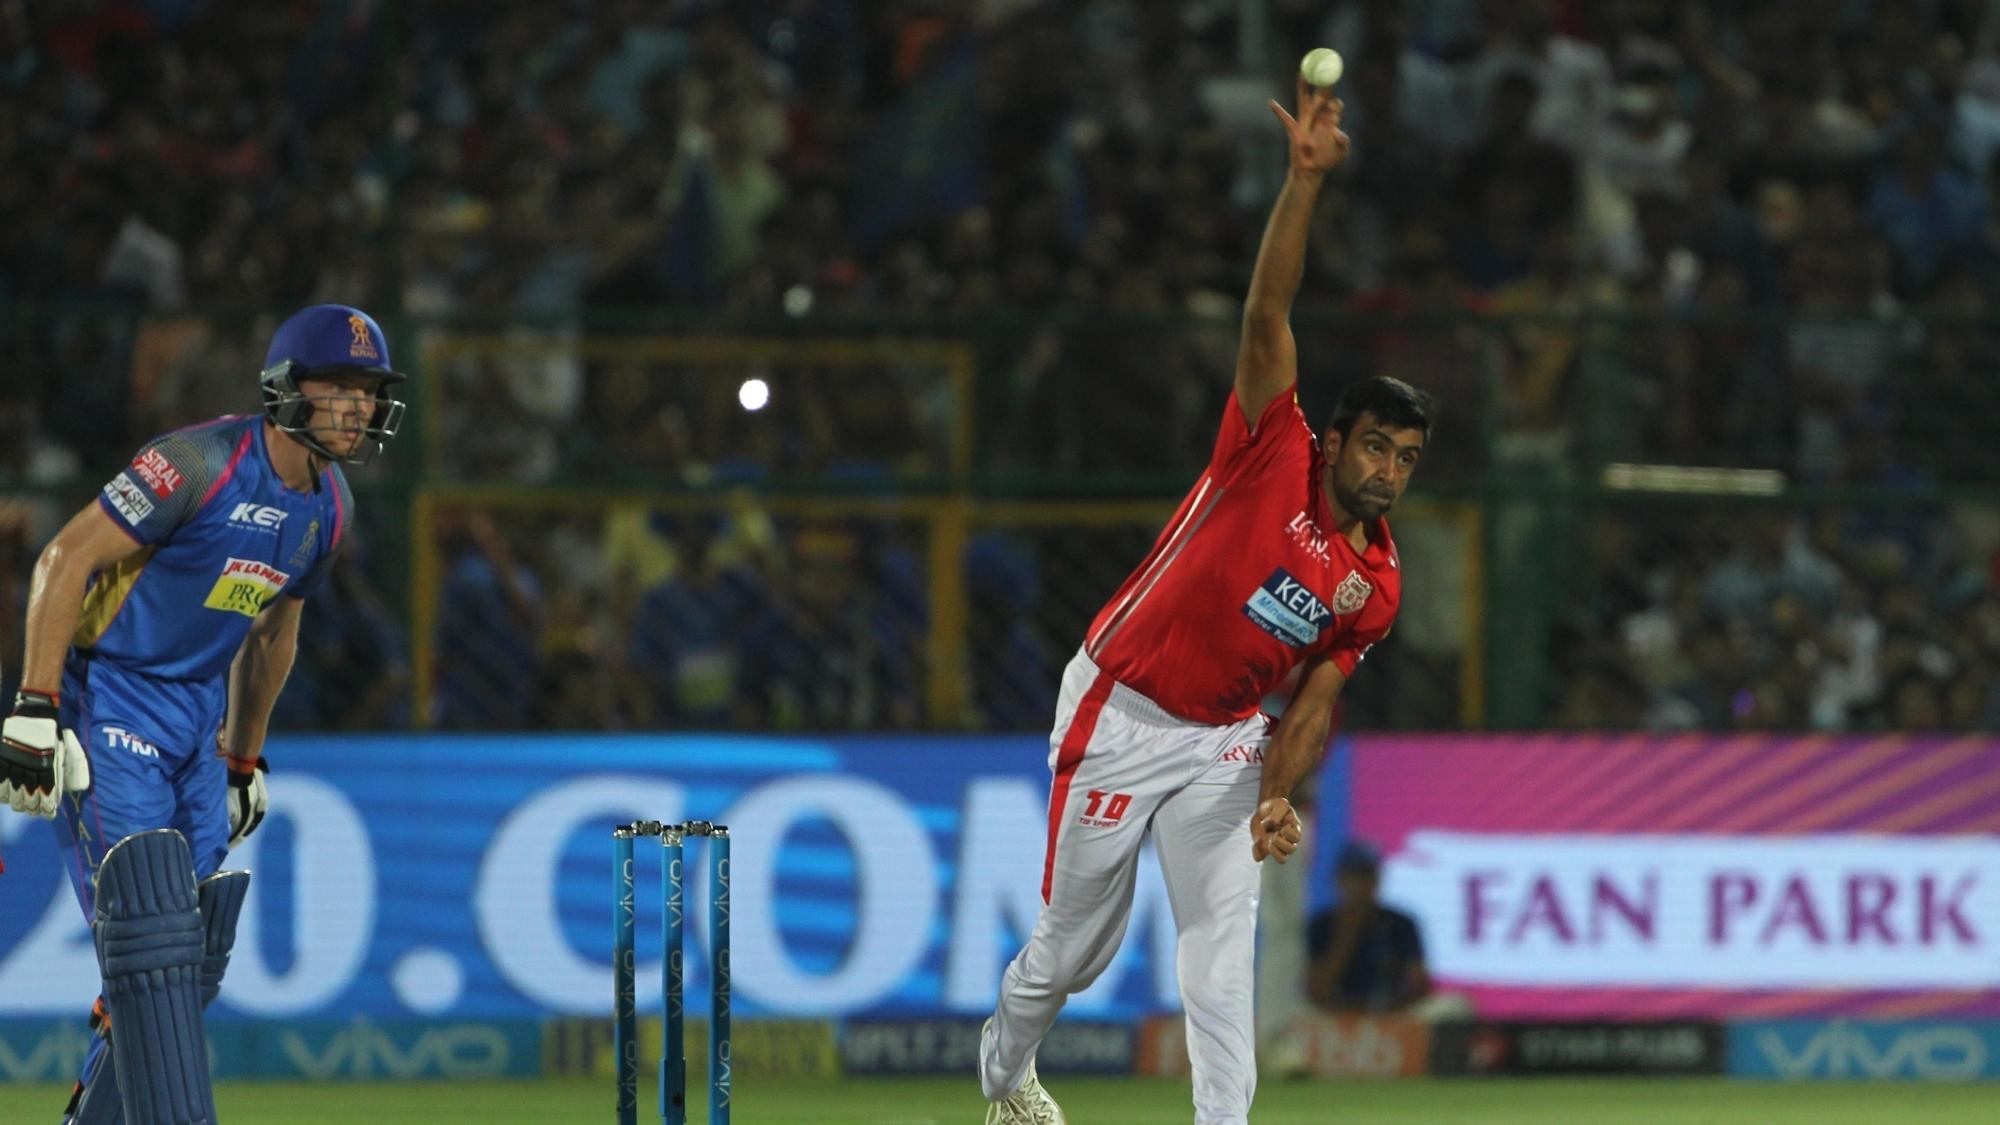 IPL 2018 रविचंद्रन अश्विन ने किंग्स इलेवन पंजाब के टूर्नामेंट से बाहर हो जाने के बाद टीम के समर्थकों का शुक्रिया अदा किया